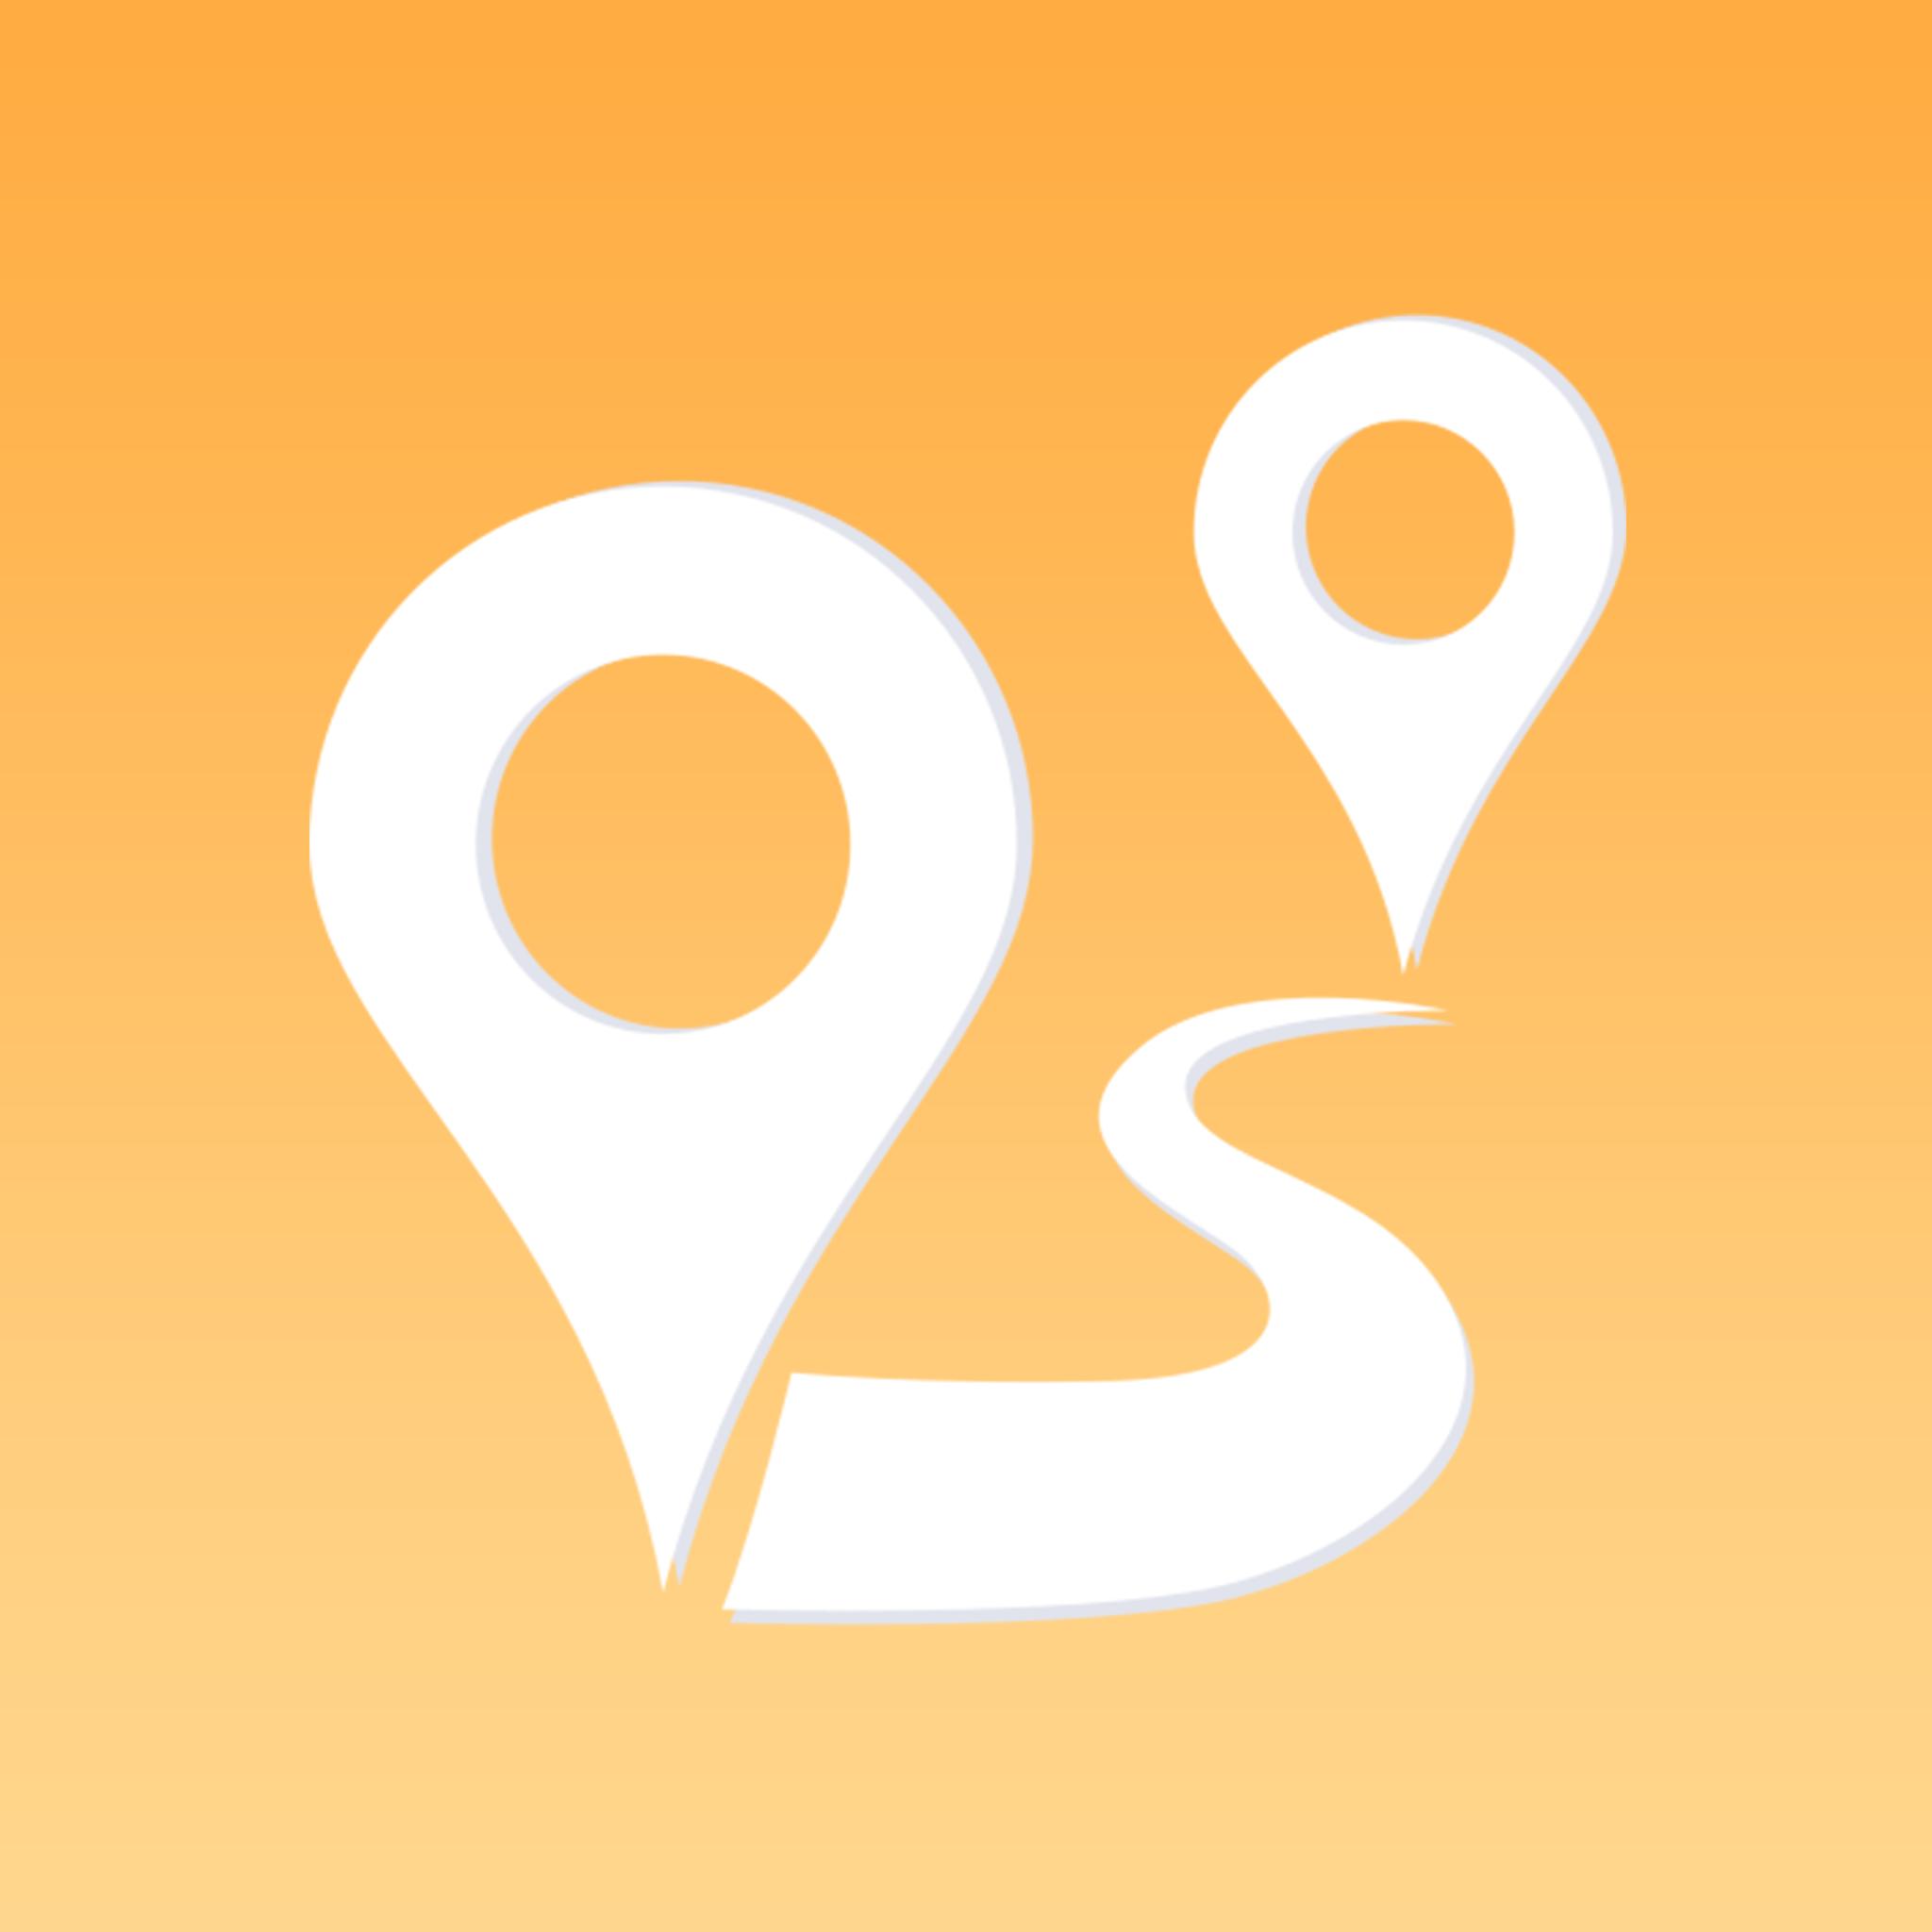 手机定位助手免费软件